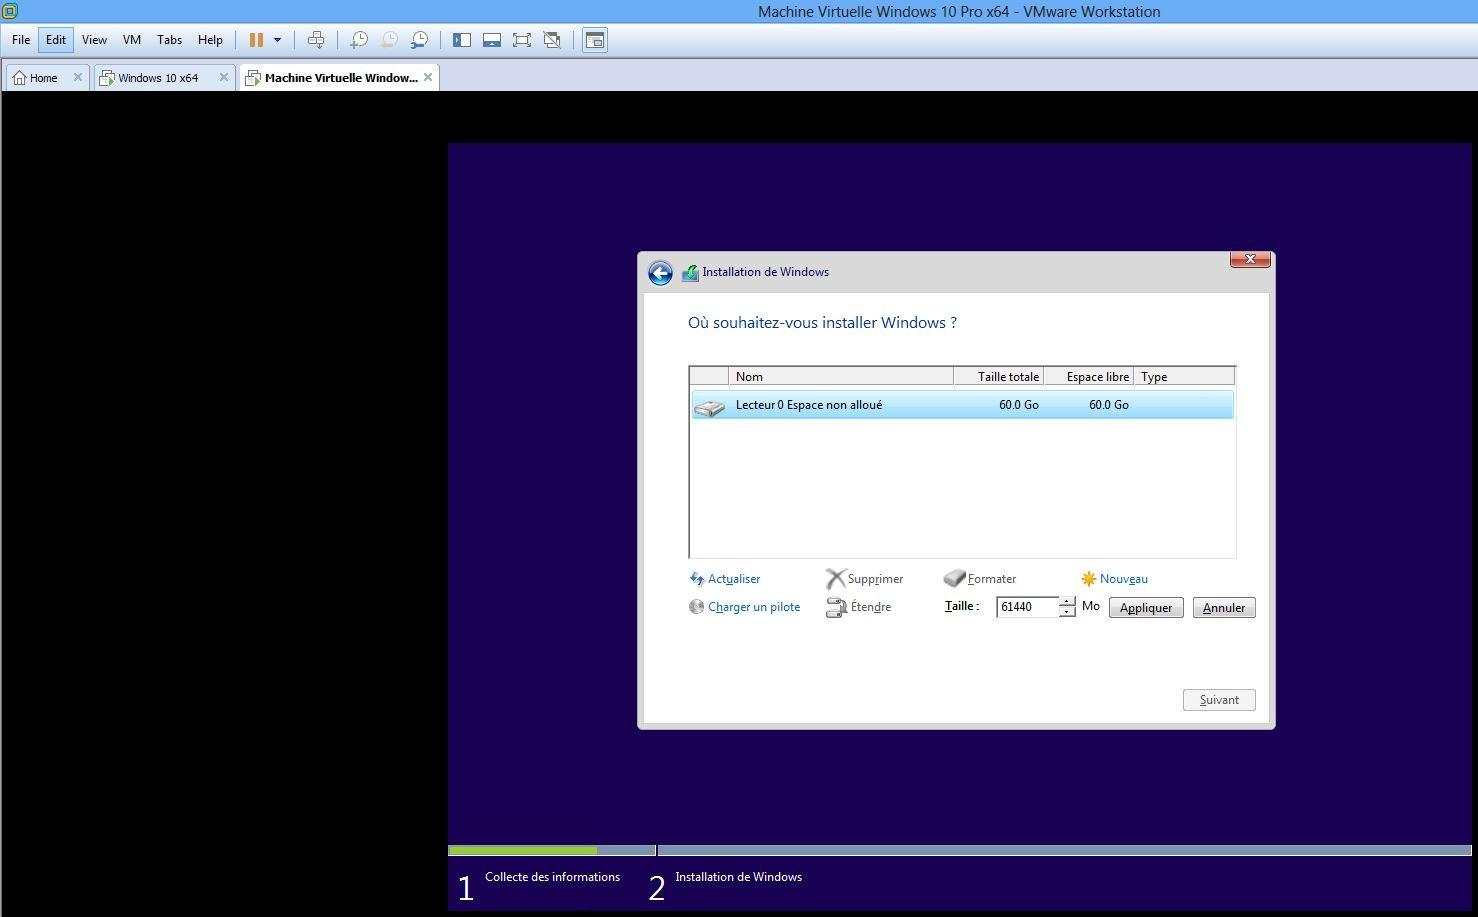 Ecran installation et formatage 2 lecteur 0 non alloué